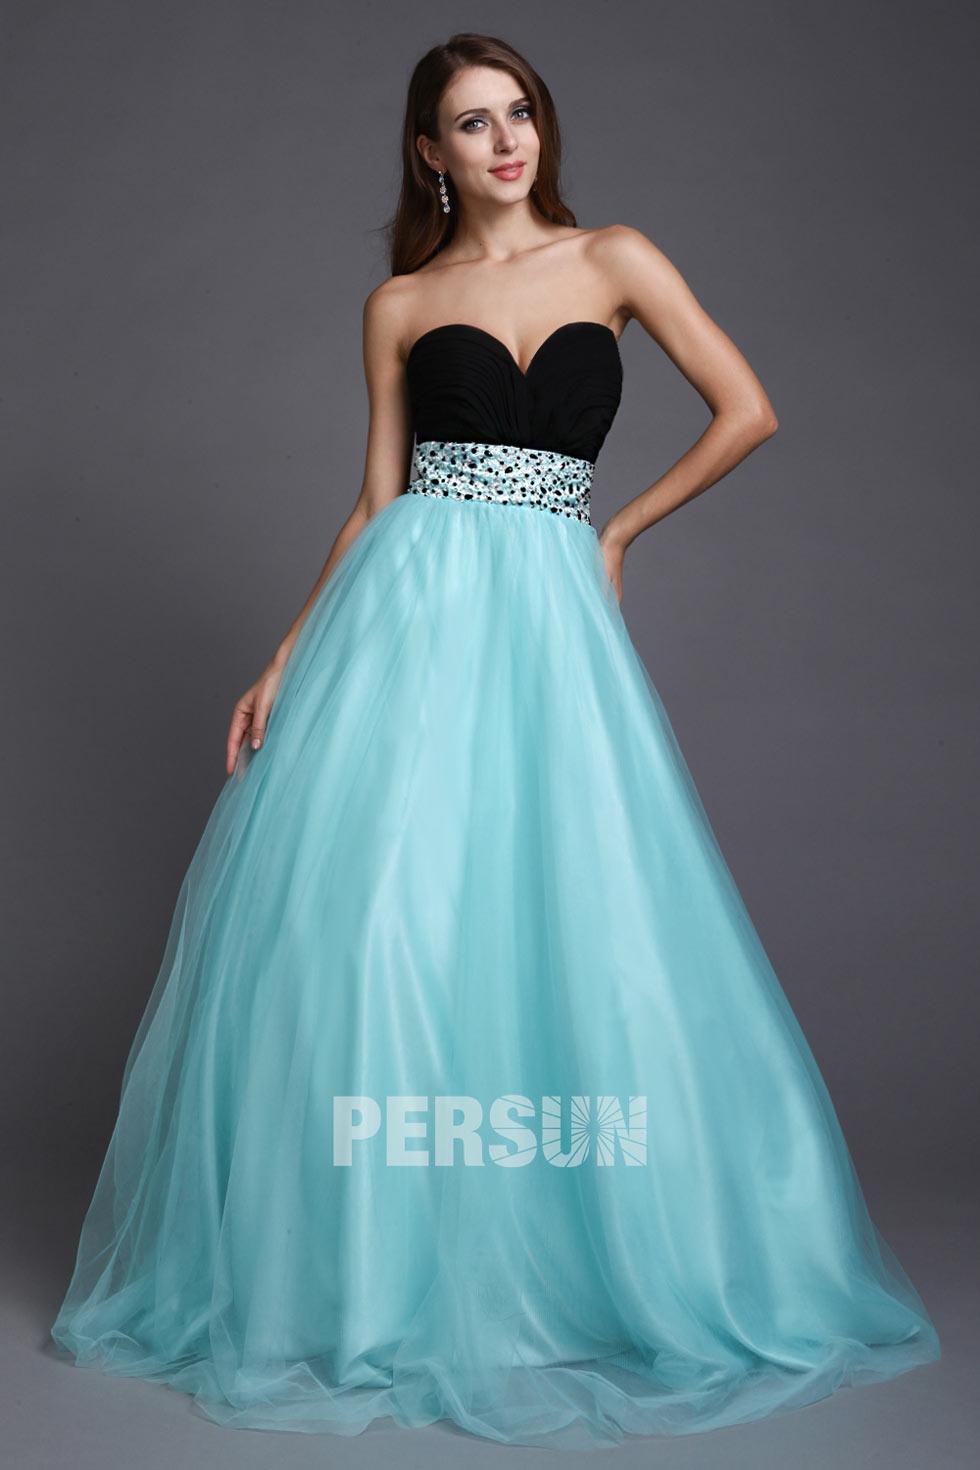 1fdcae3e7dcc robe de soirée princesse noire et bleu bustier coeur empire